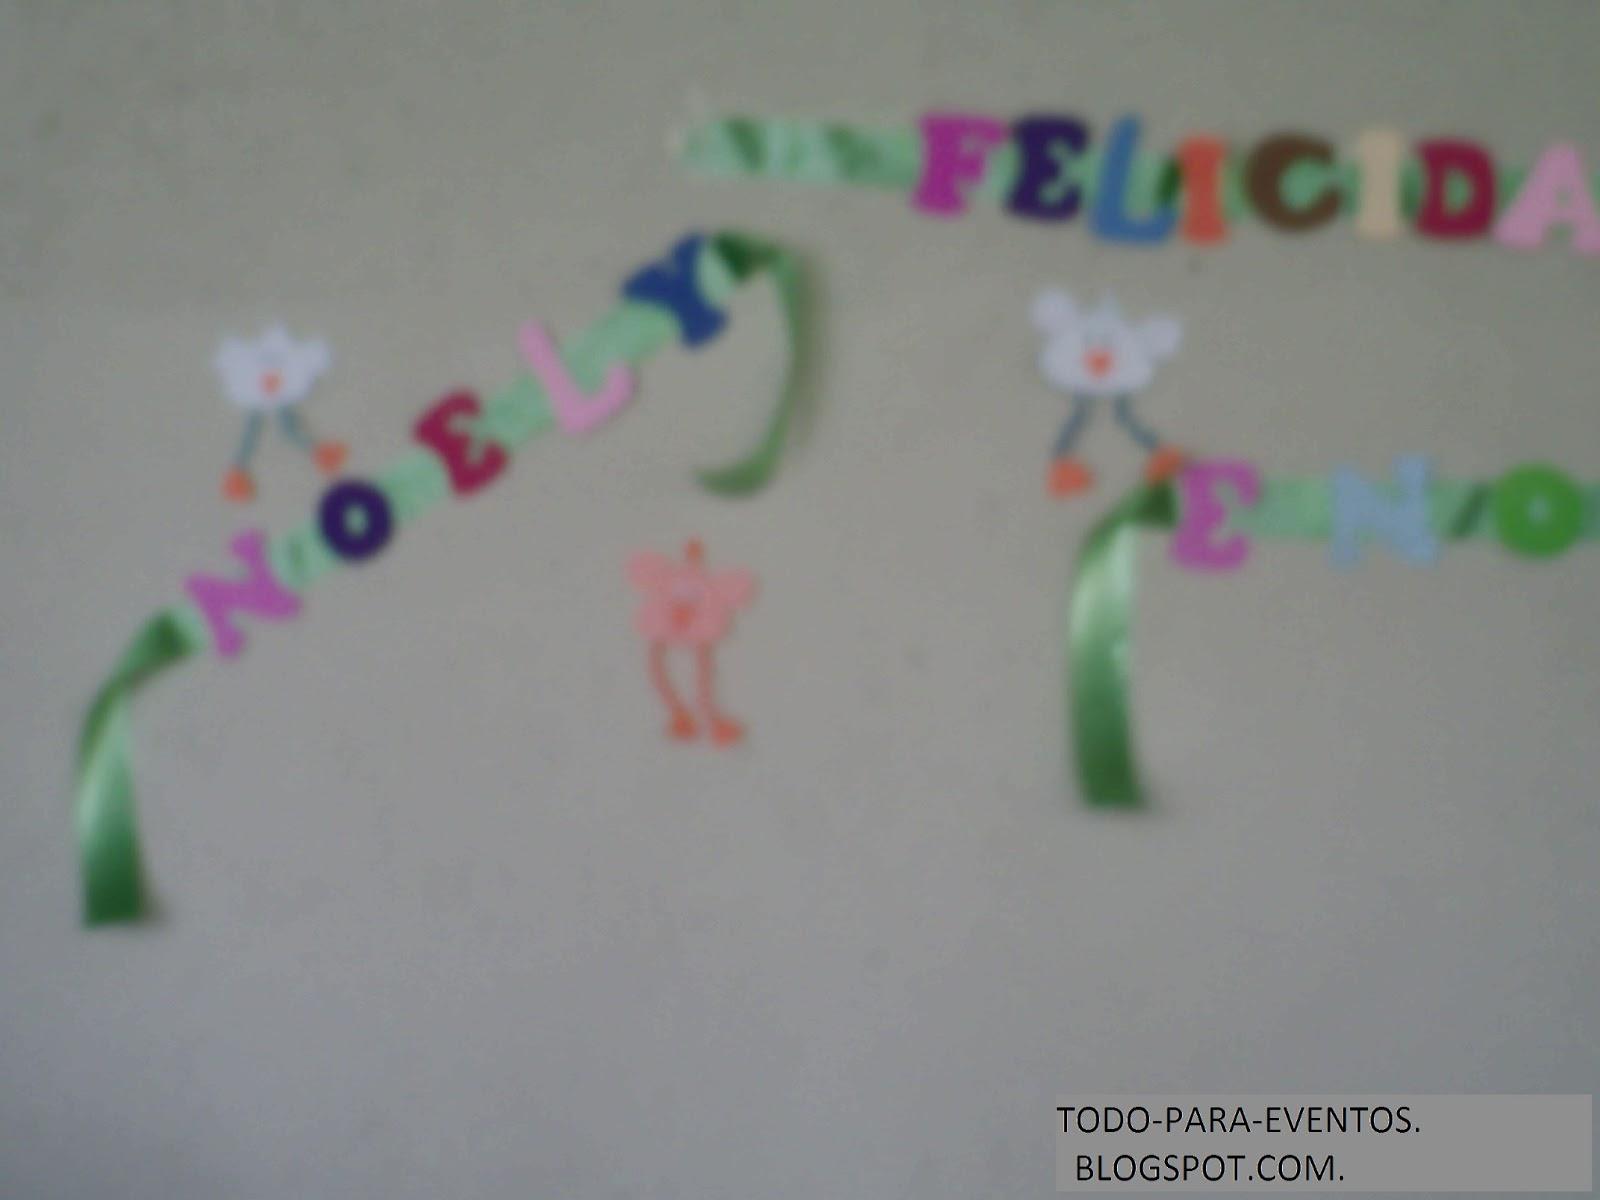 letras en fomí de los nombres de las festejadas y se complementó con